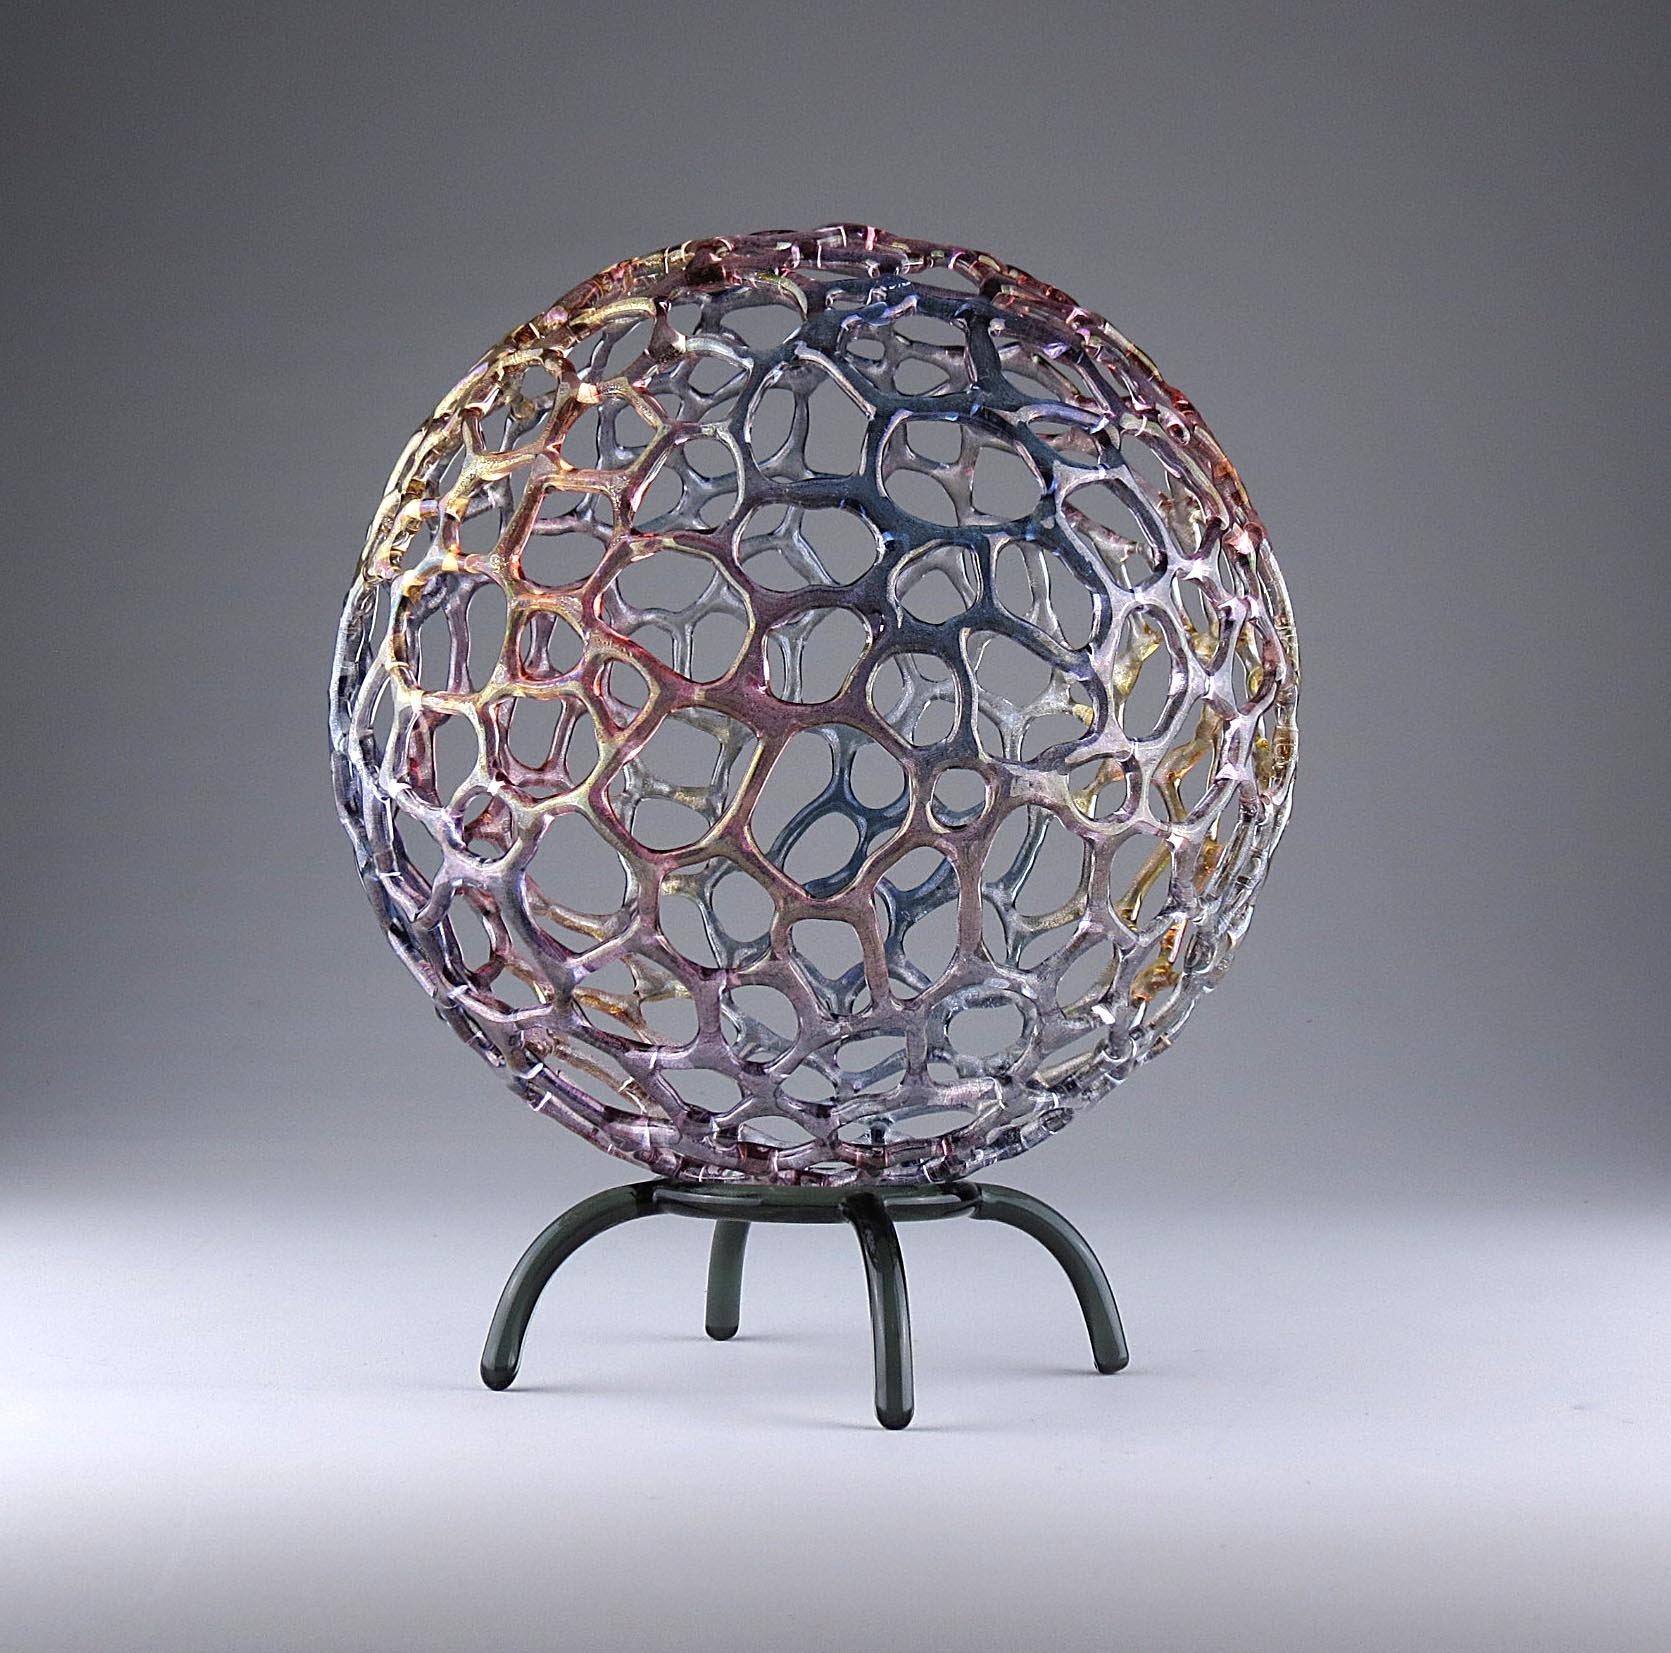 Rainbow Mottled Sphere By Bandhu Scott Dunham Art Glass Sculpture Artful Home